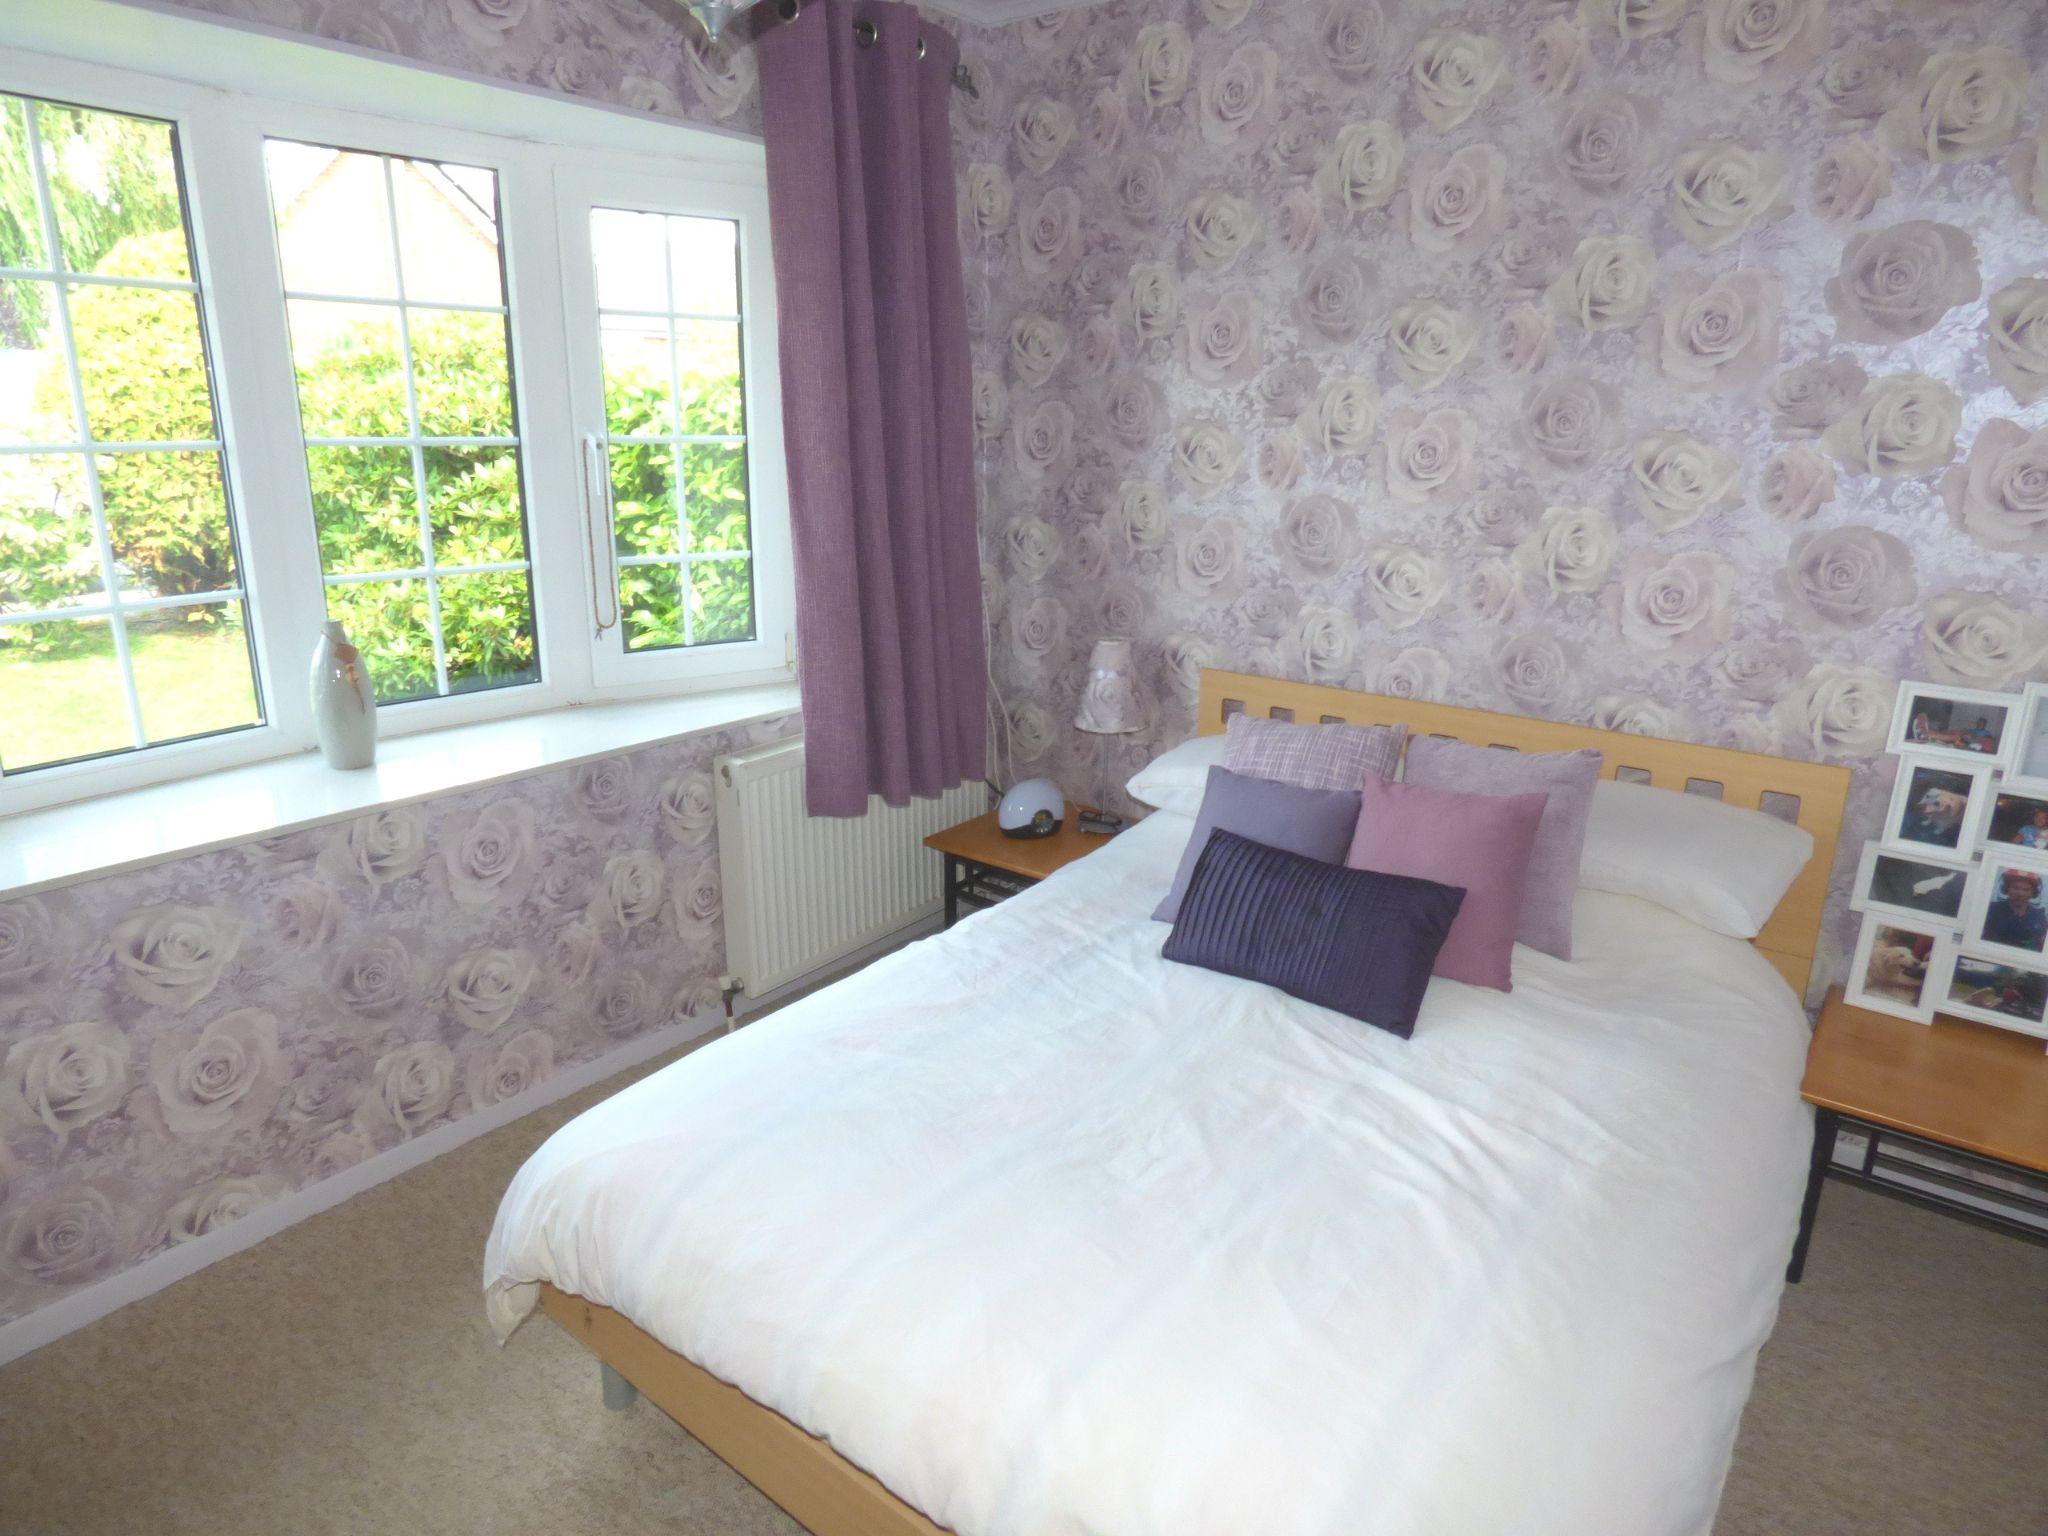 5 Bedroom Detached Bungalow For Sale - Photograph 9